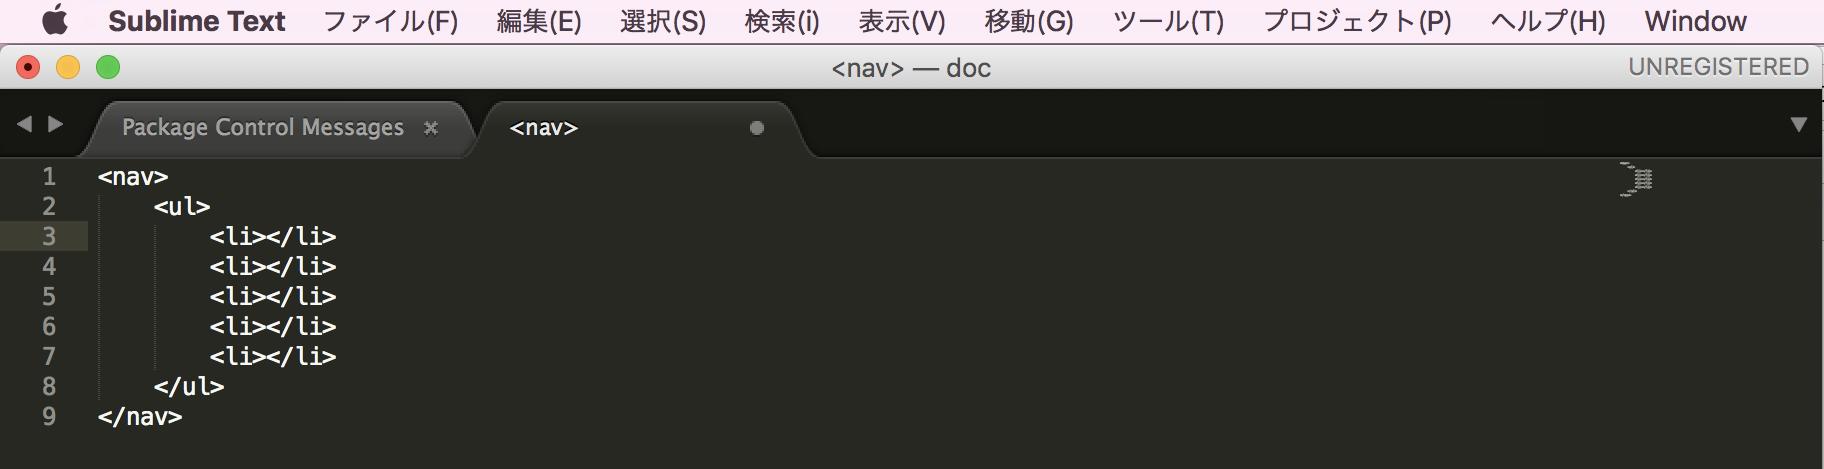 HTMLの展開